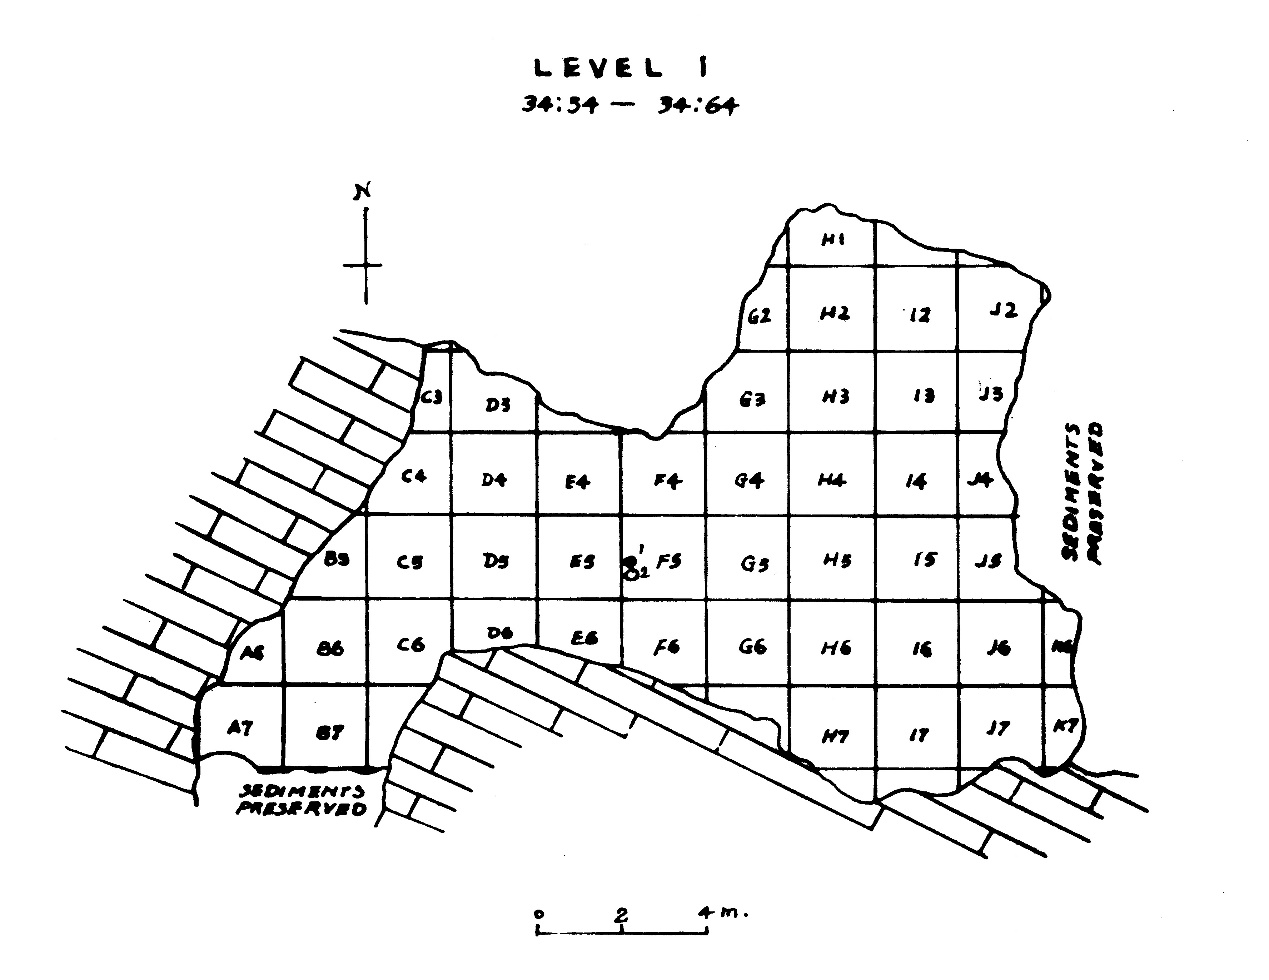 周口店第1地点第1水平层发掘平面图